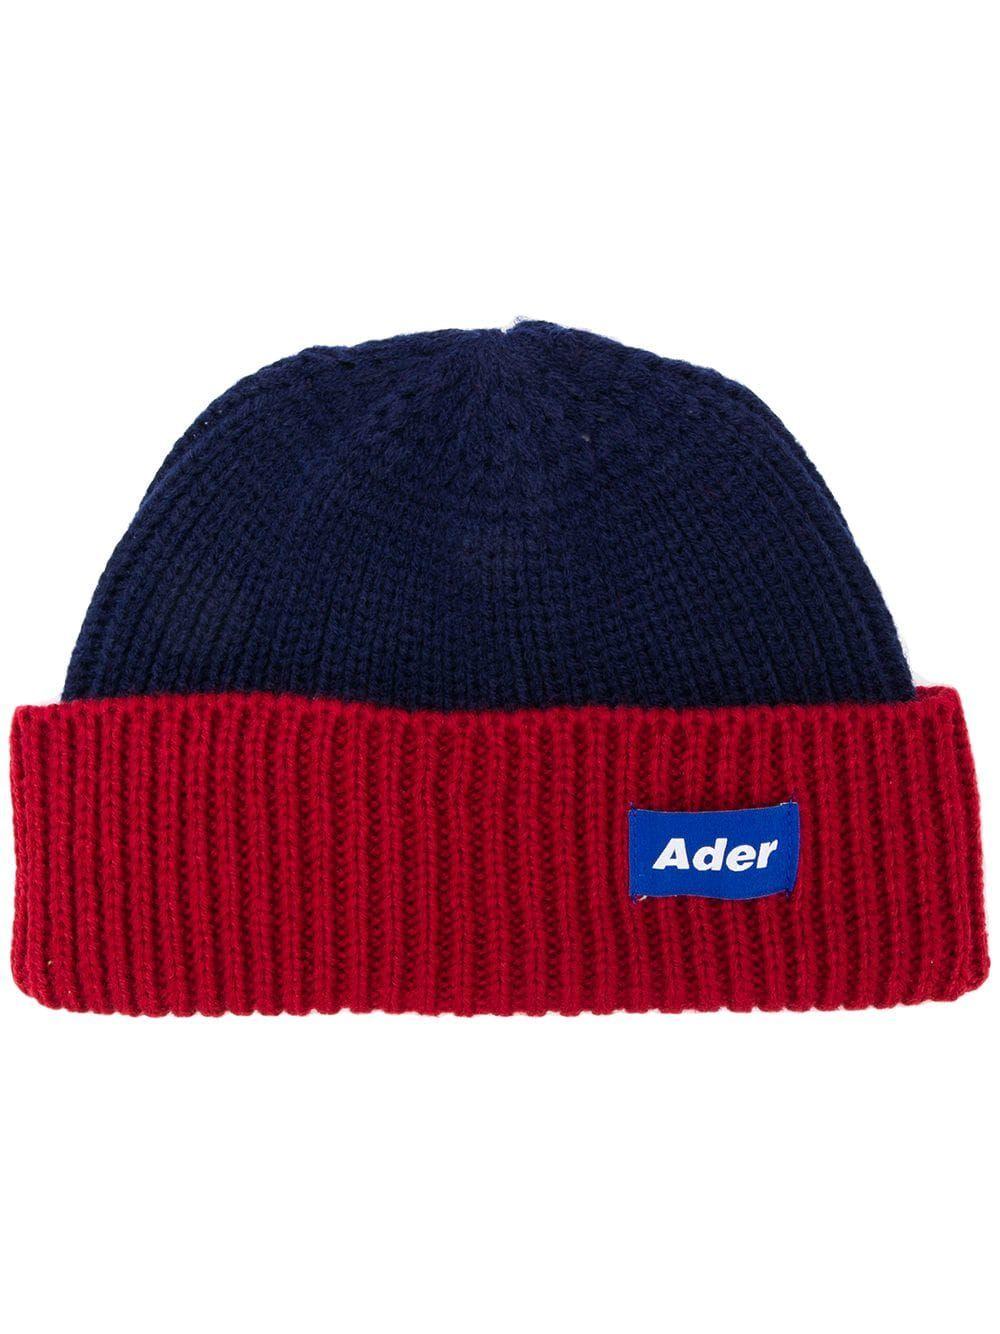 4a3b515d50203 Ader Error ribbed knit beanie Cap